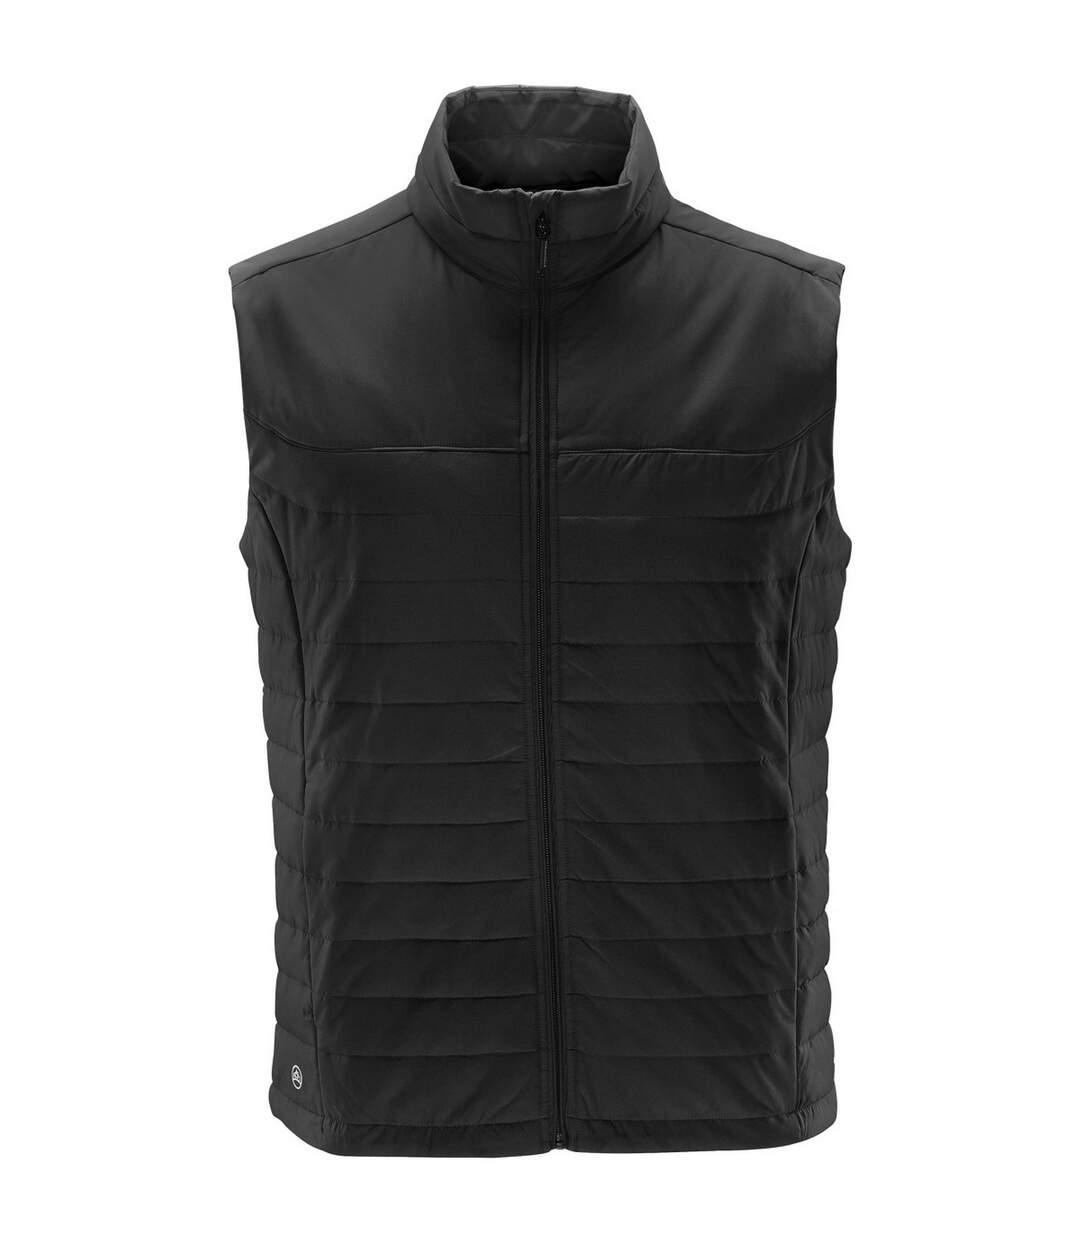 Stormtech Mens Quilted Nautilus Vest/Gilet (Black) - UTBC4127